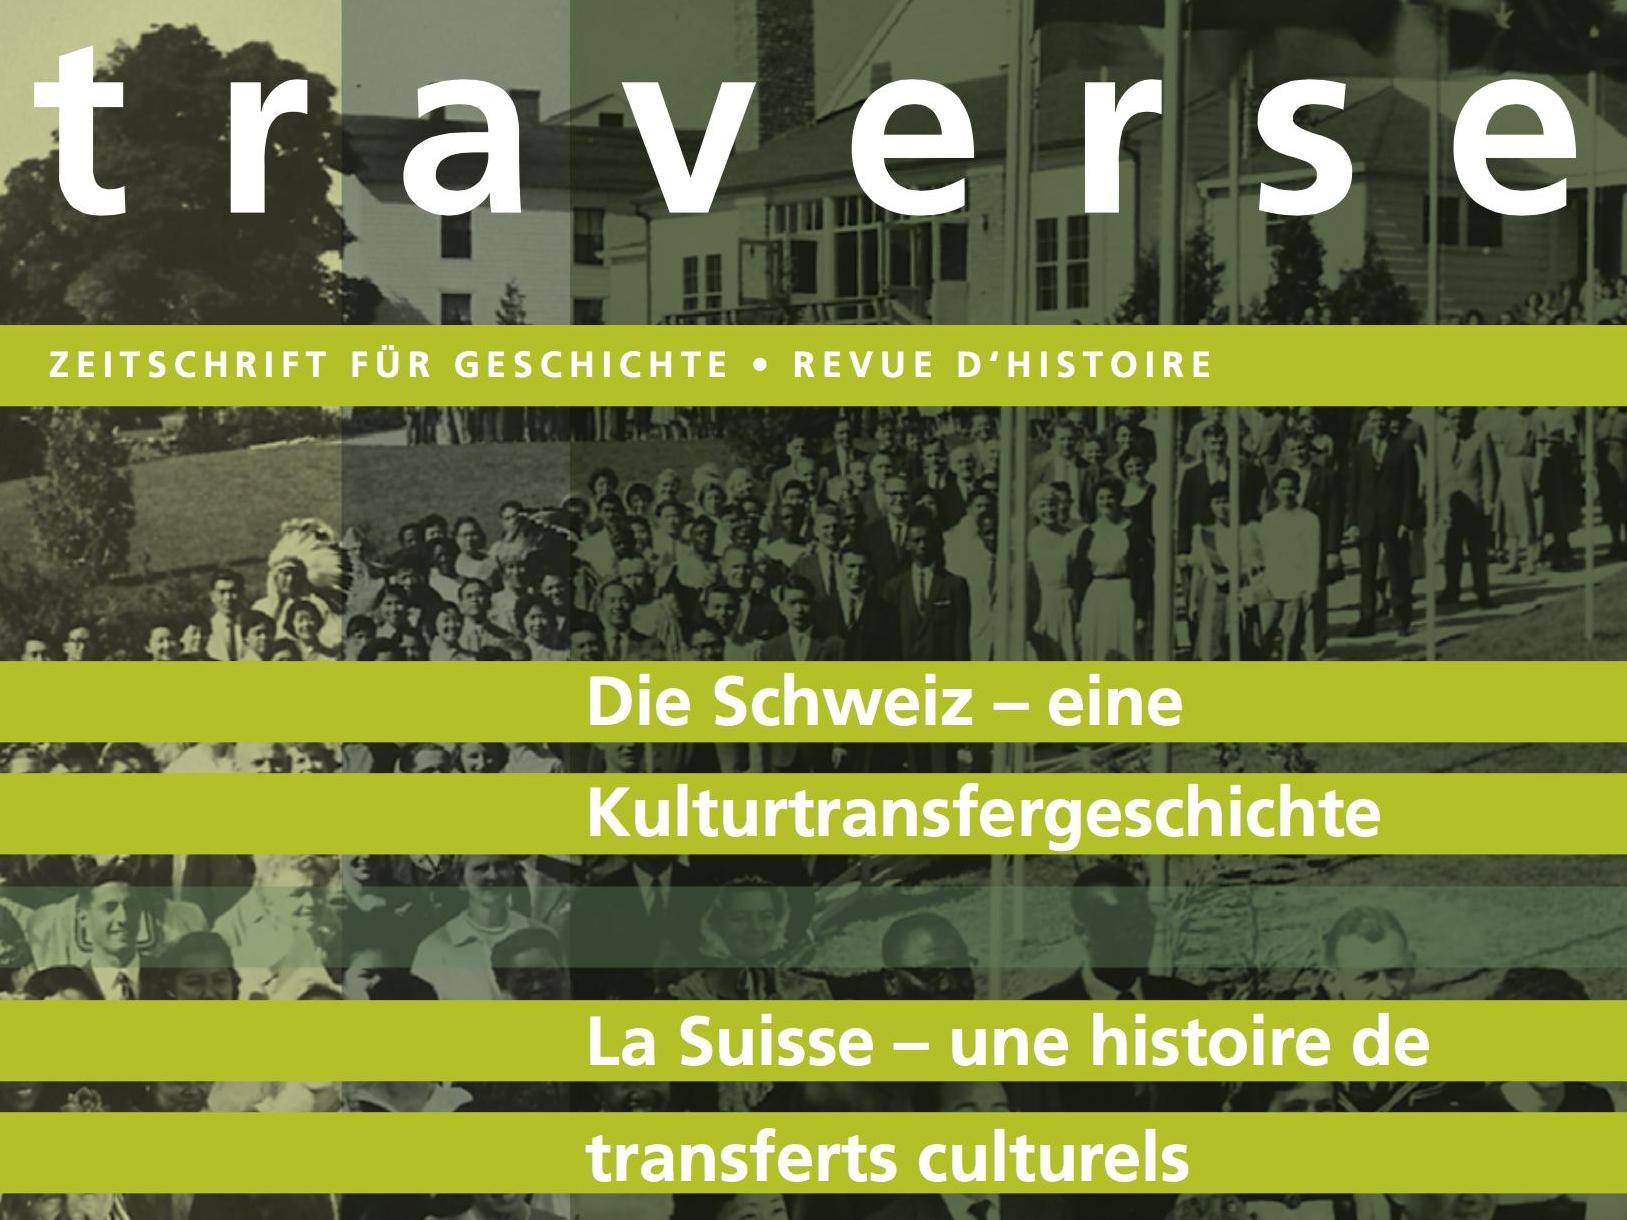 «La Suisse, une histoire de transferts culturels»